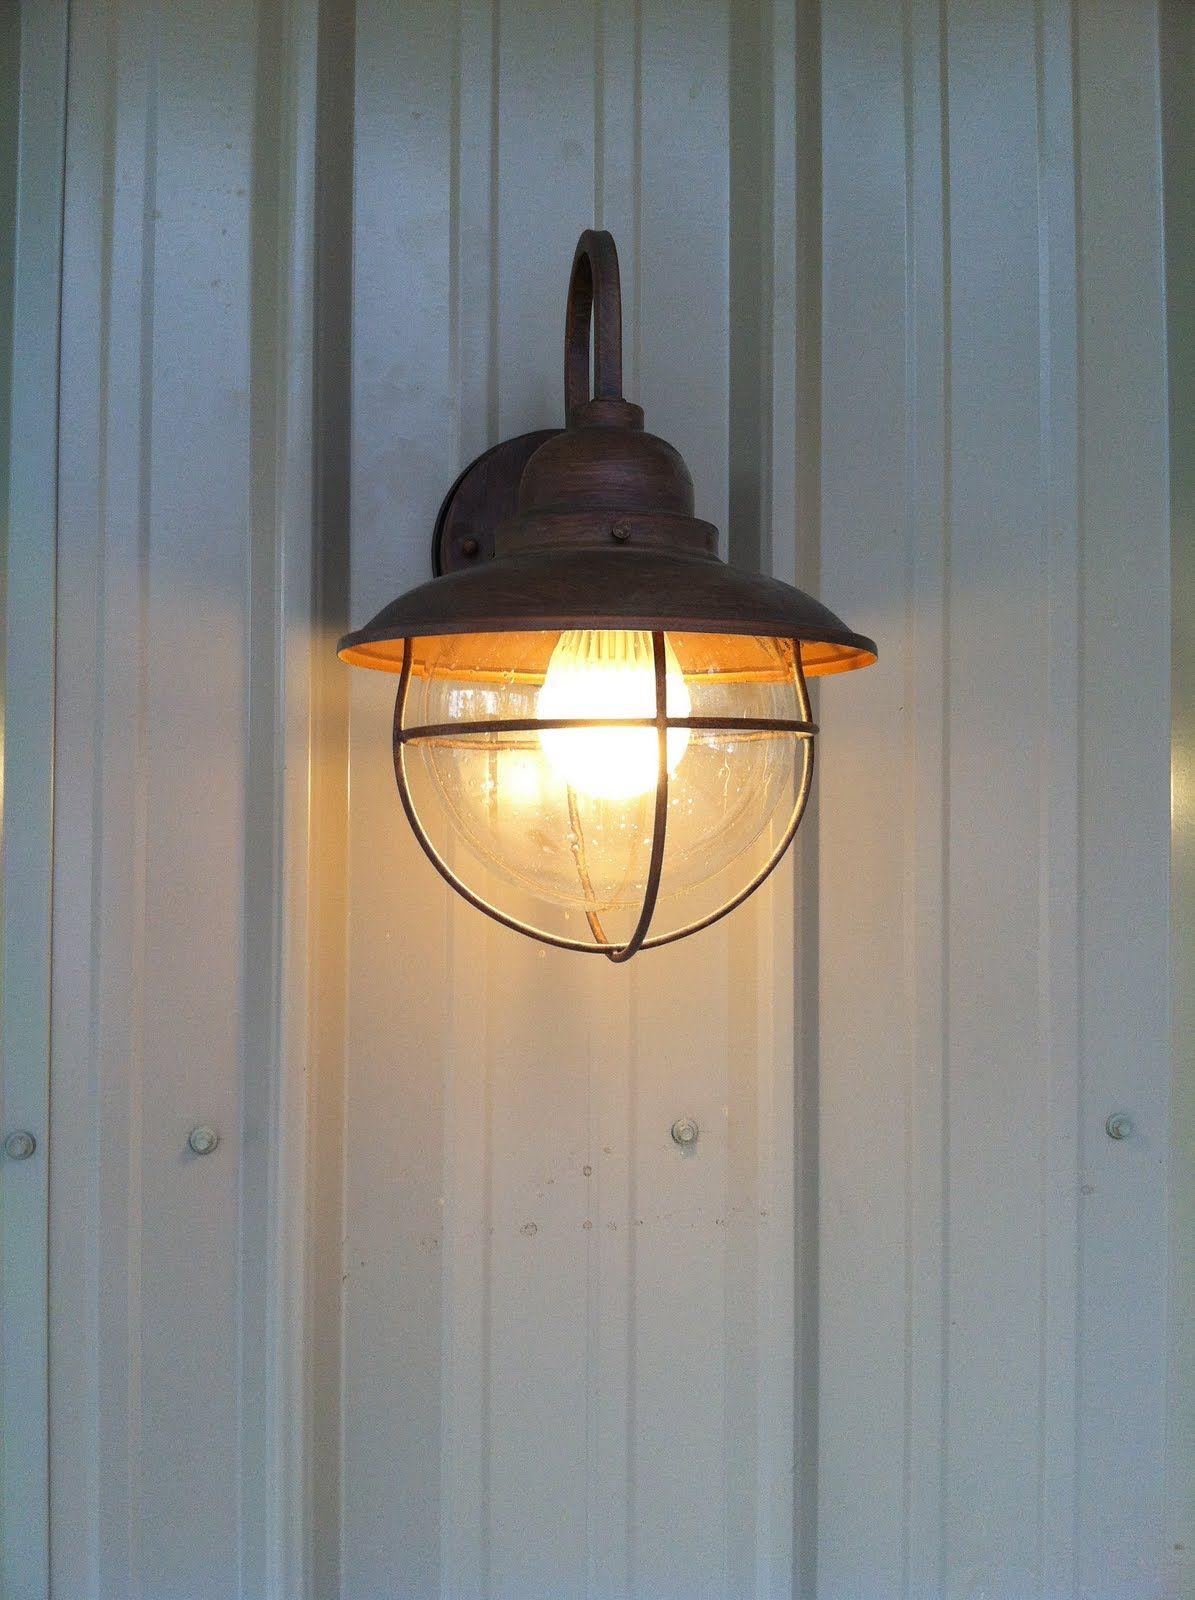 Extraordinary Porchblight Front Porch Light Porch Lighting Simple Lighting House With Porch